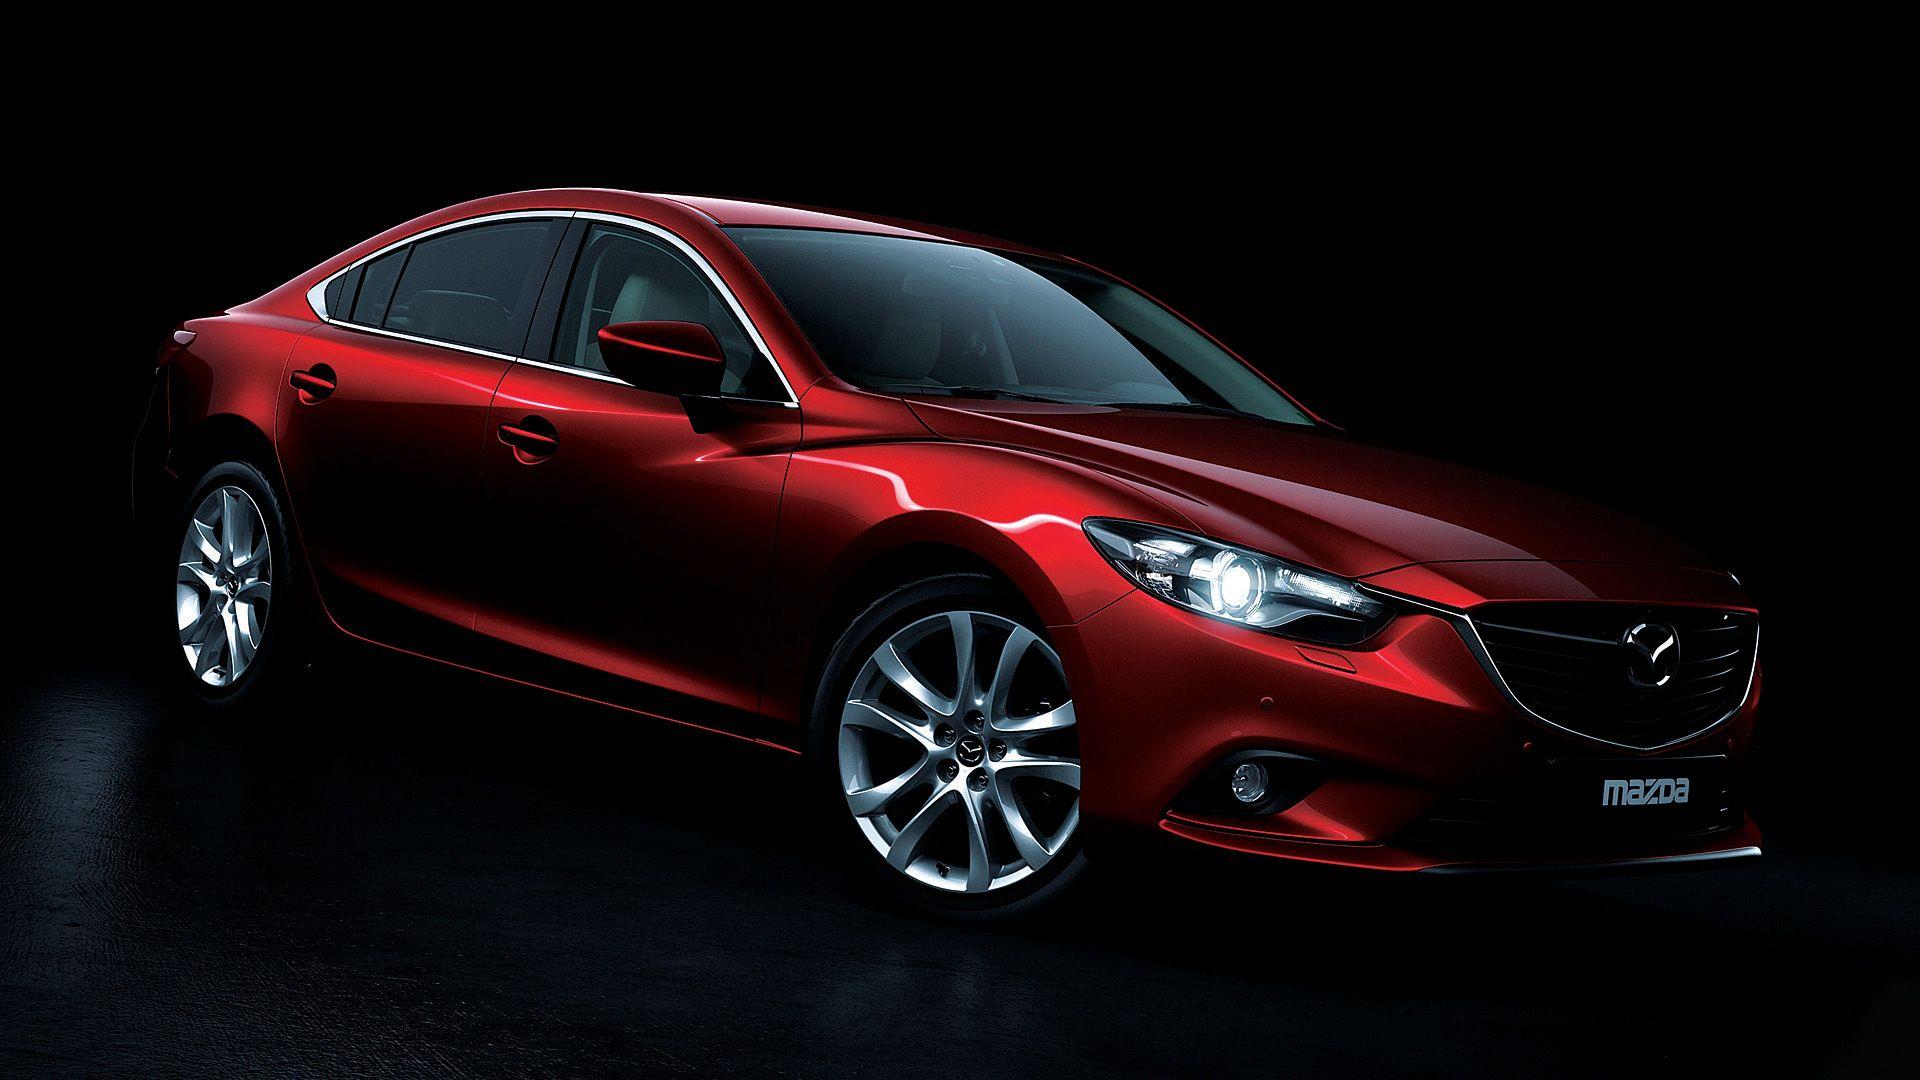 2013 Mazda 6 Mazda 6 sedan, Mazda 6, Mazda cars